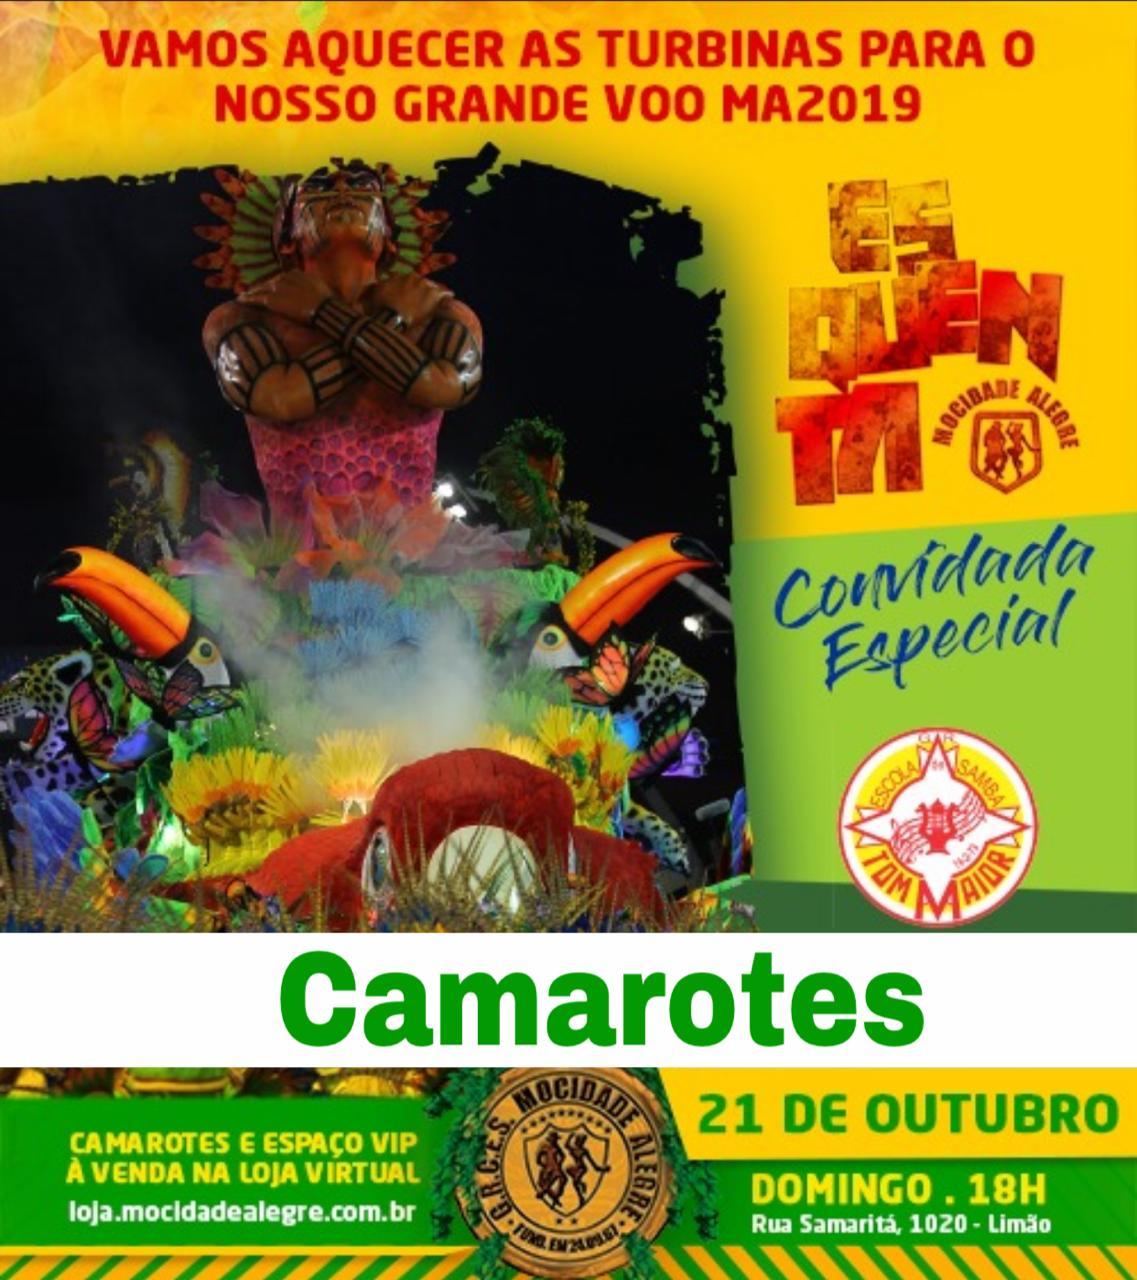 CAMAROTE 21/10 - ENSAIO ESQUENTA TOM MAIOR  - Mocidade Alegre